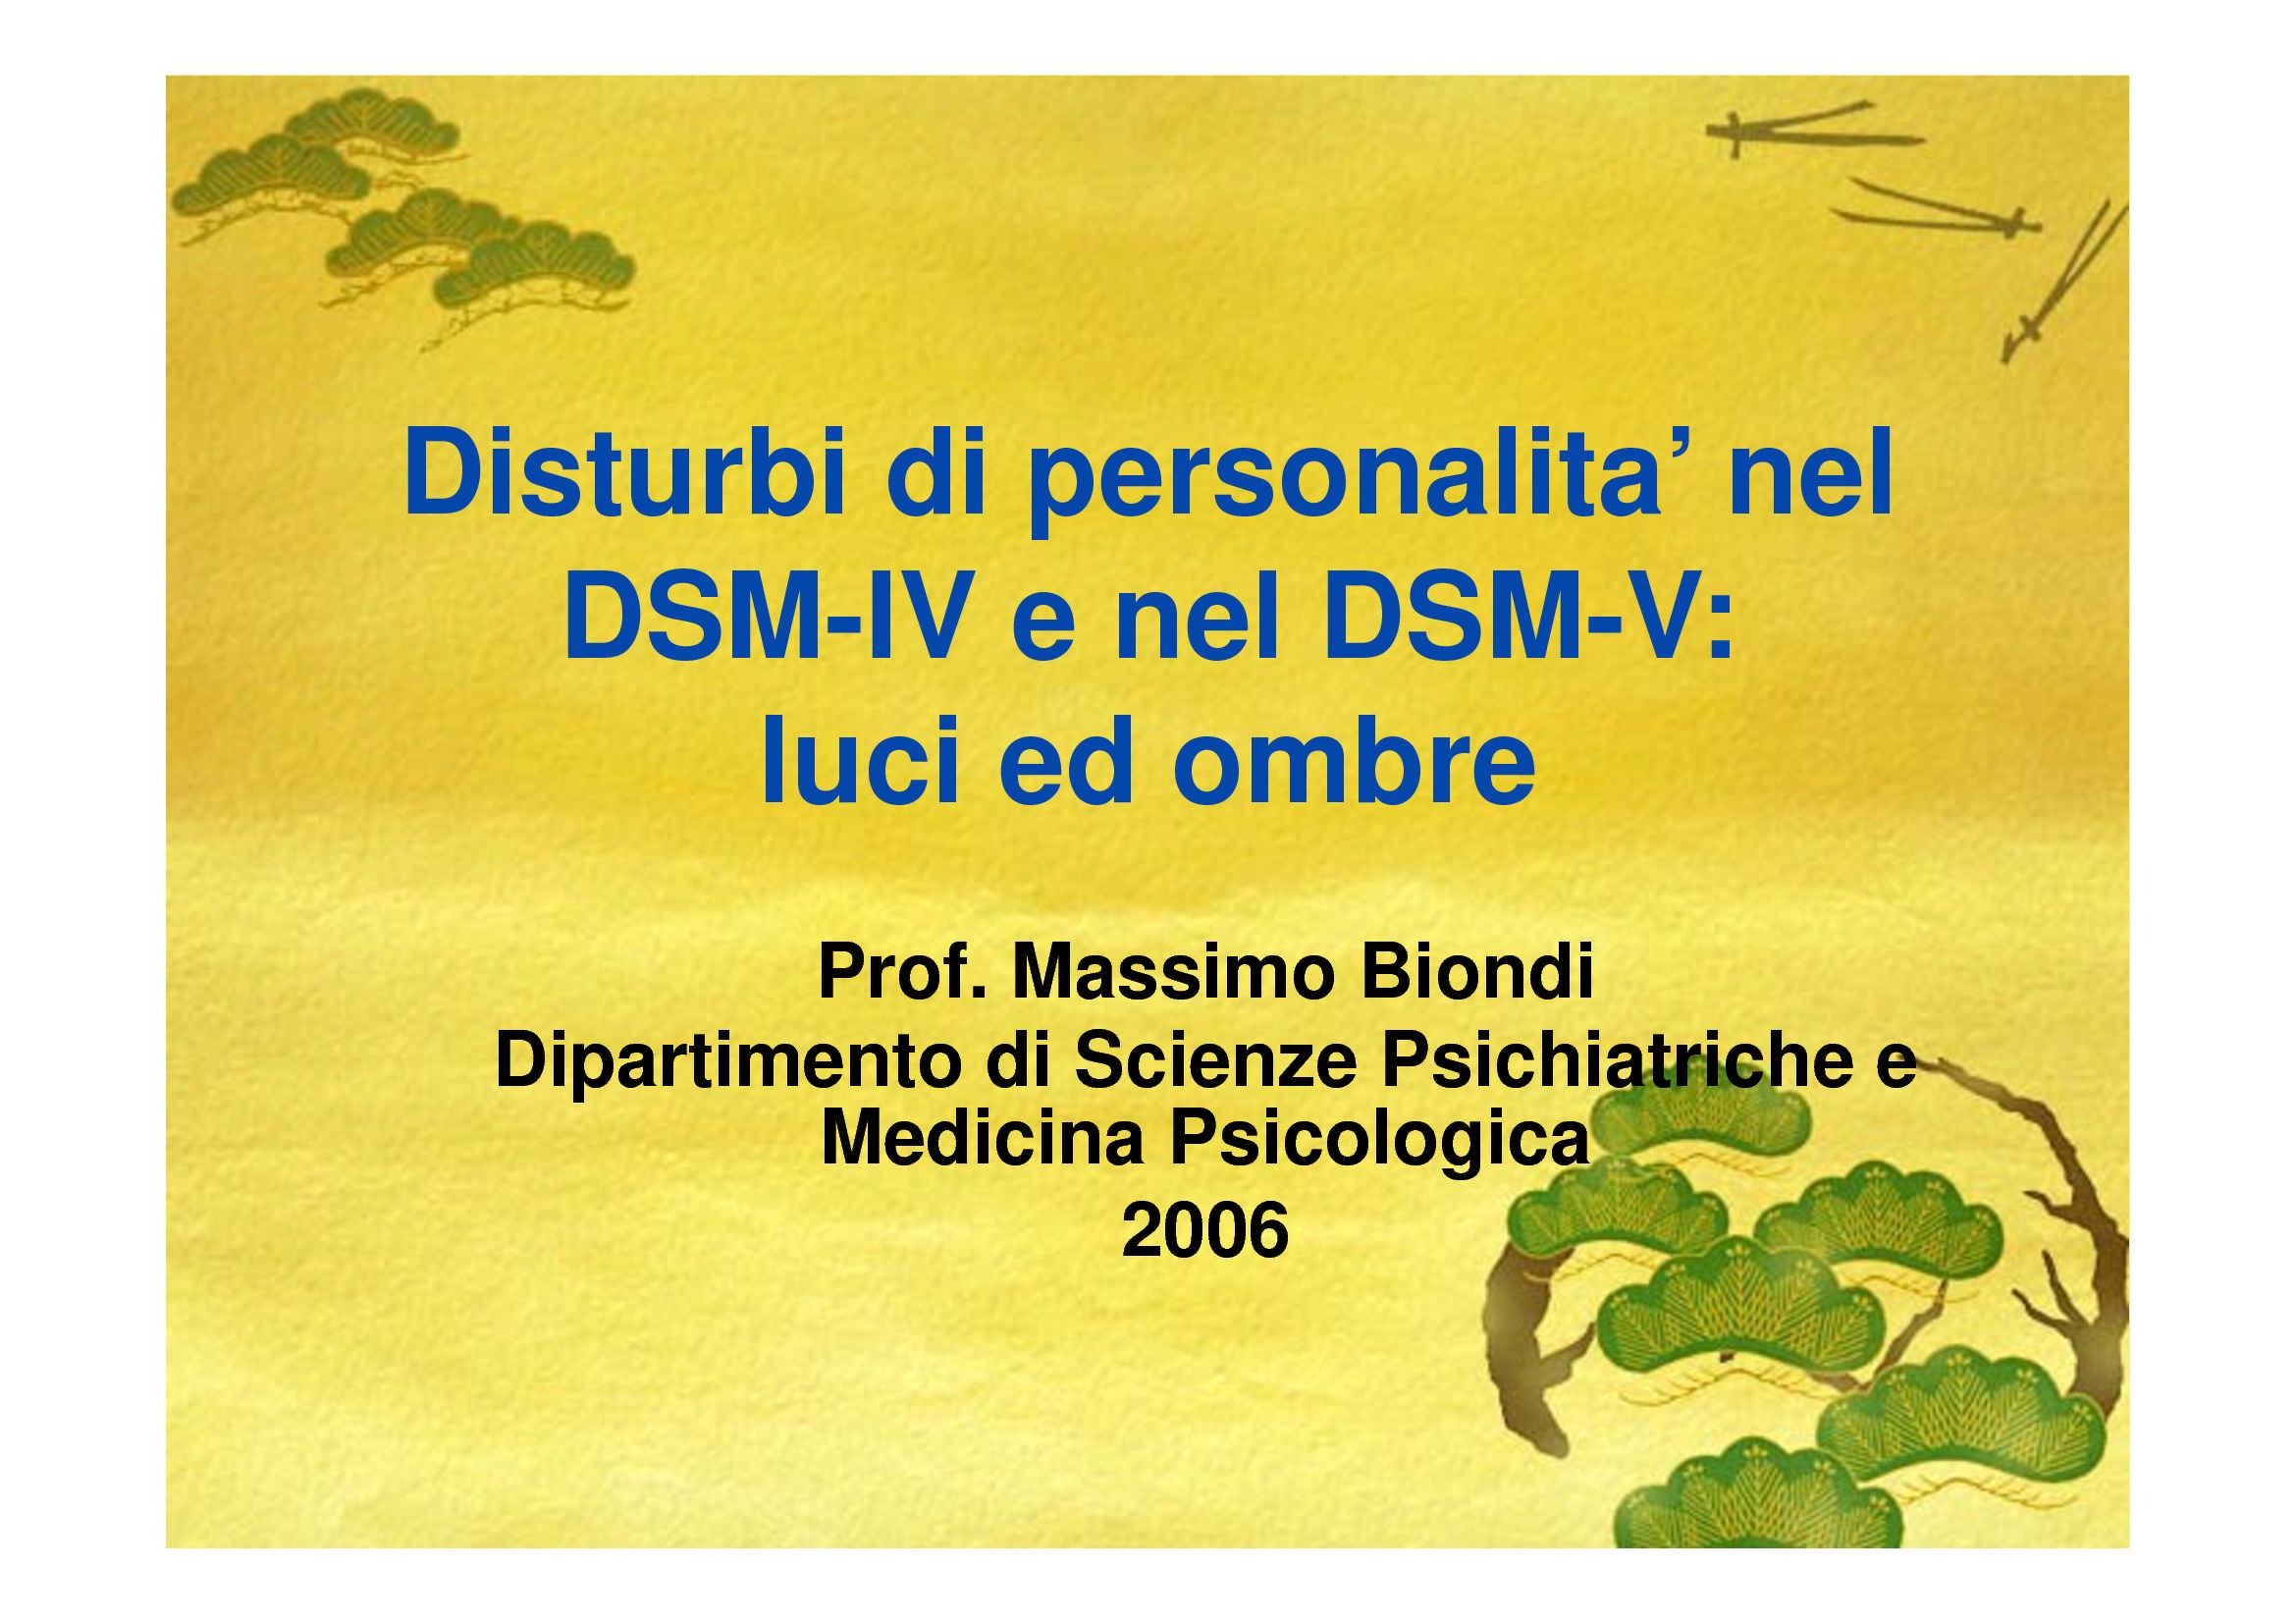 Disturbi di personalita' nel  DSM-IV e nel DSM-V